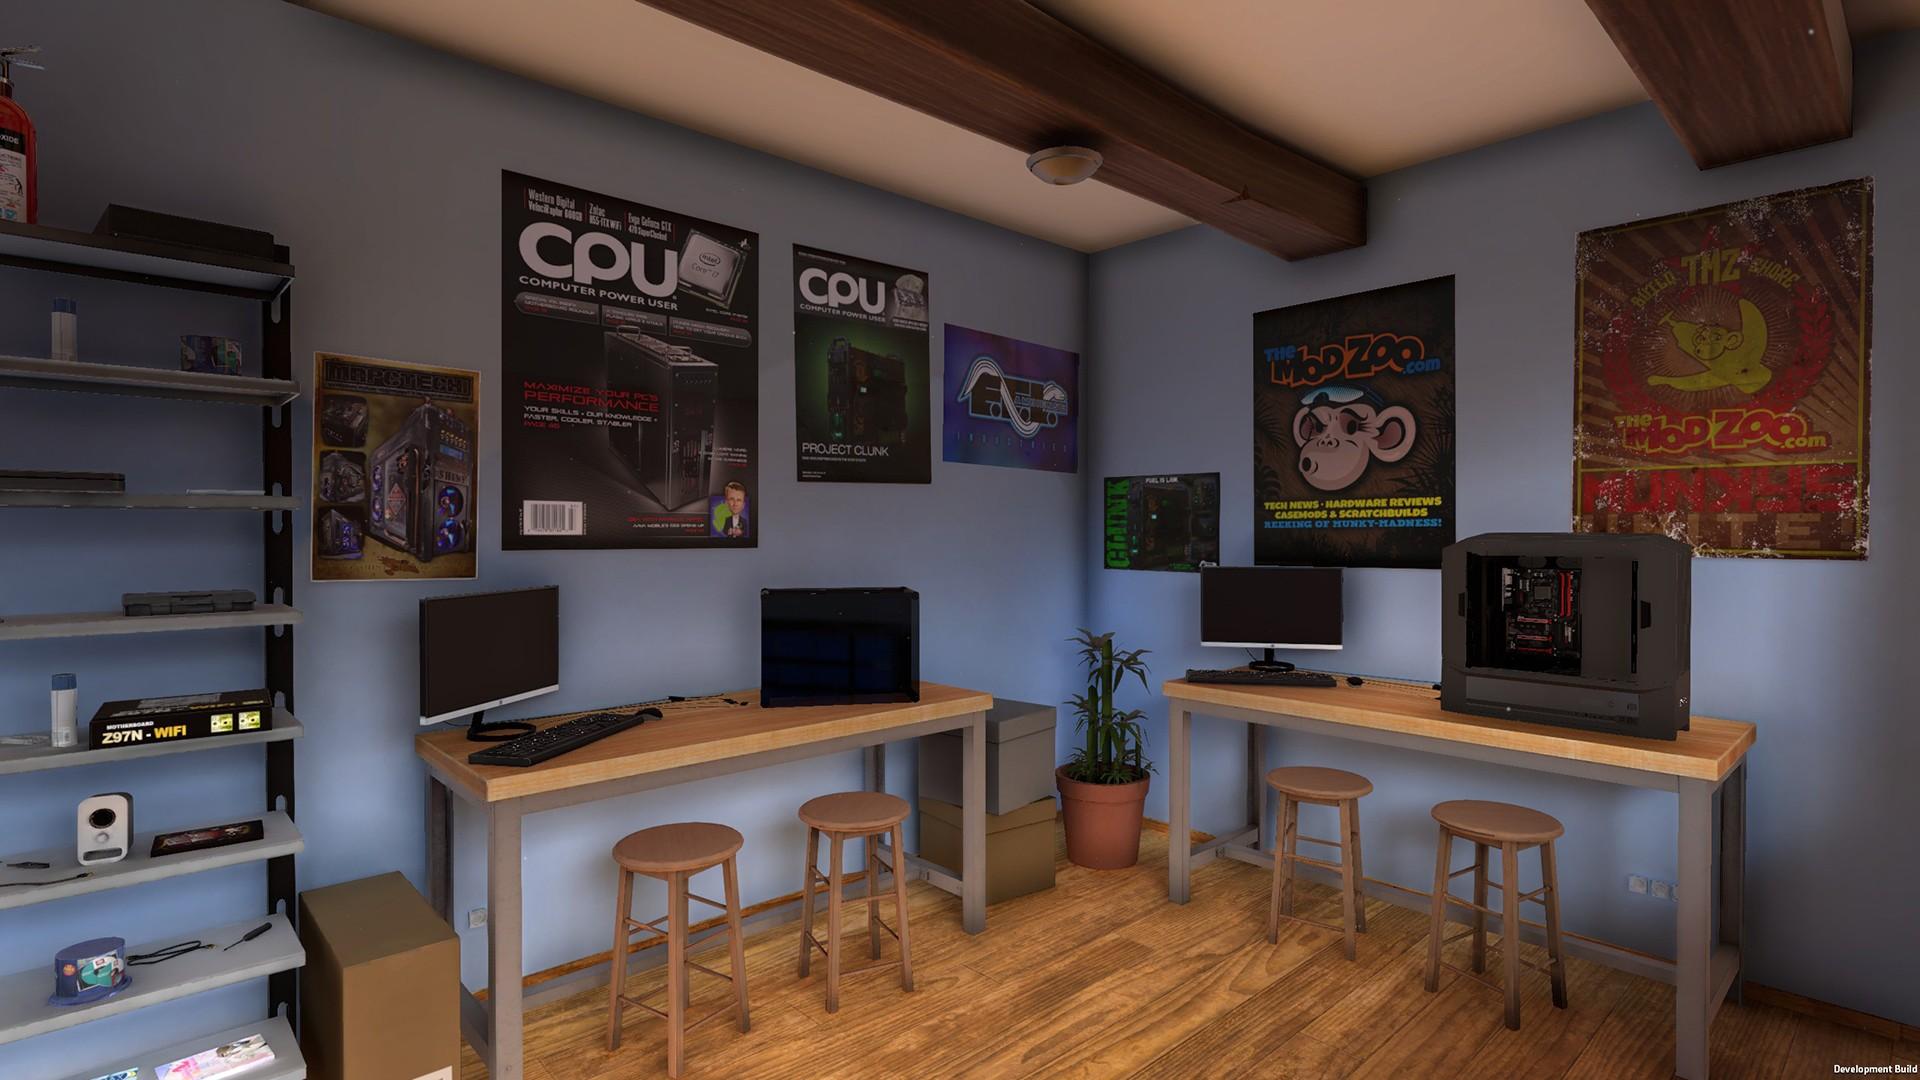 PC Building Simulator Screenshot 3